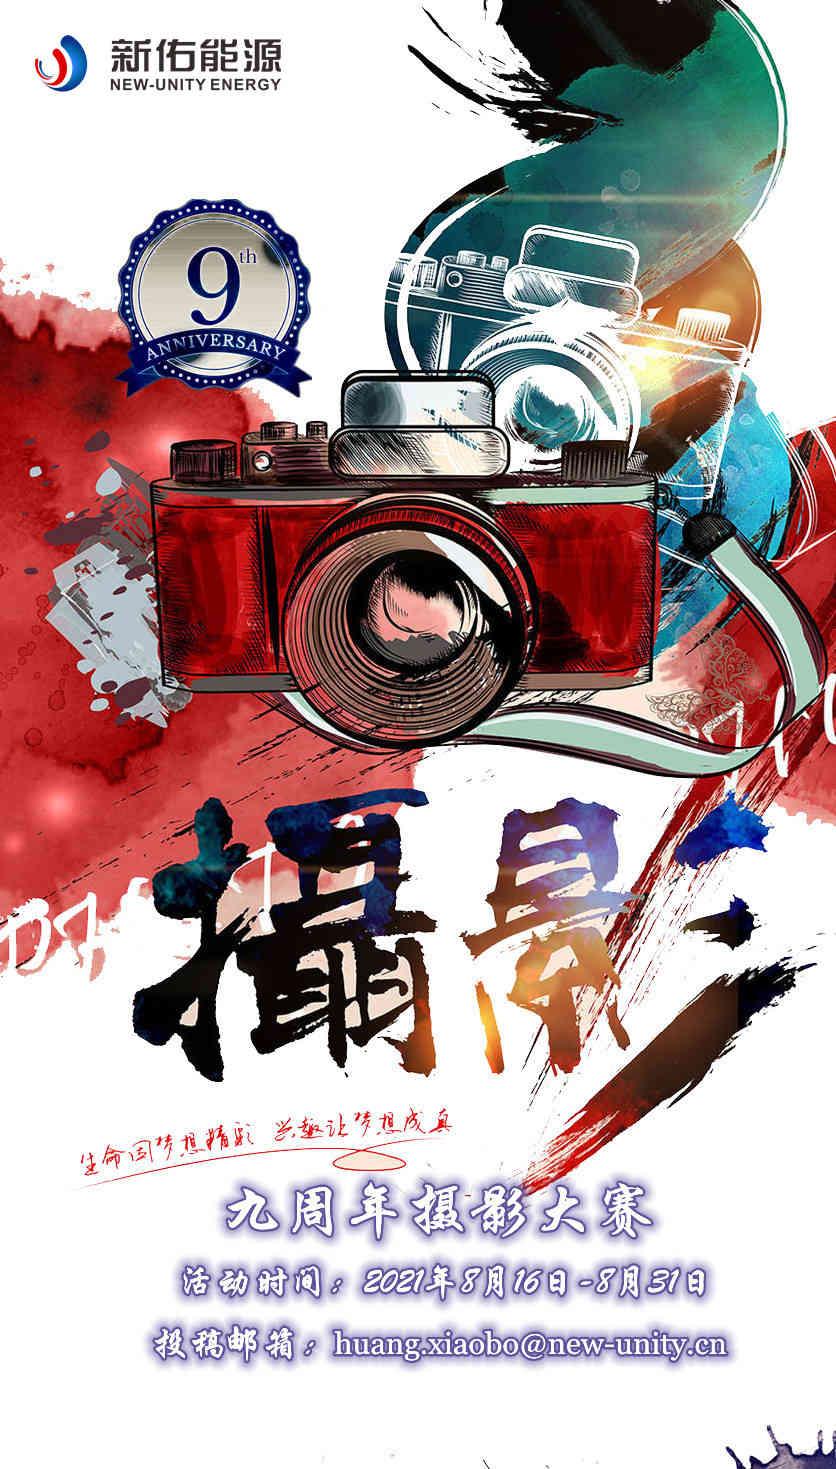 新佑能源九周年摄影大赛